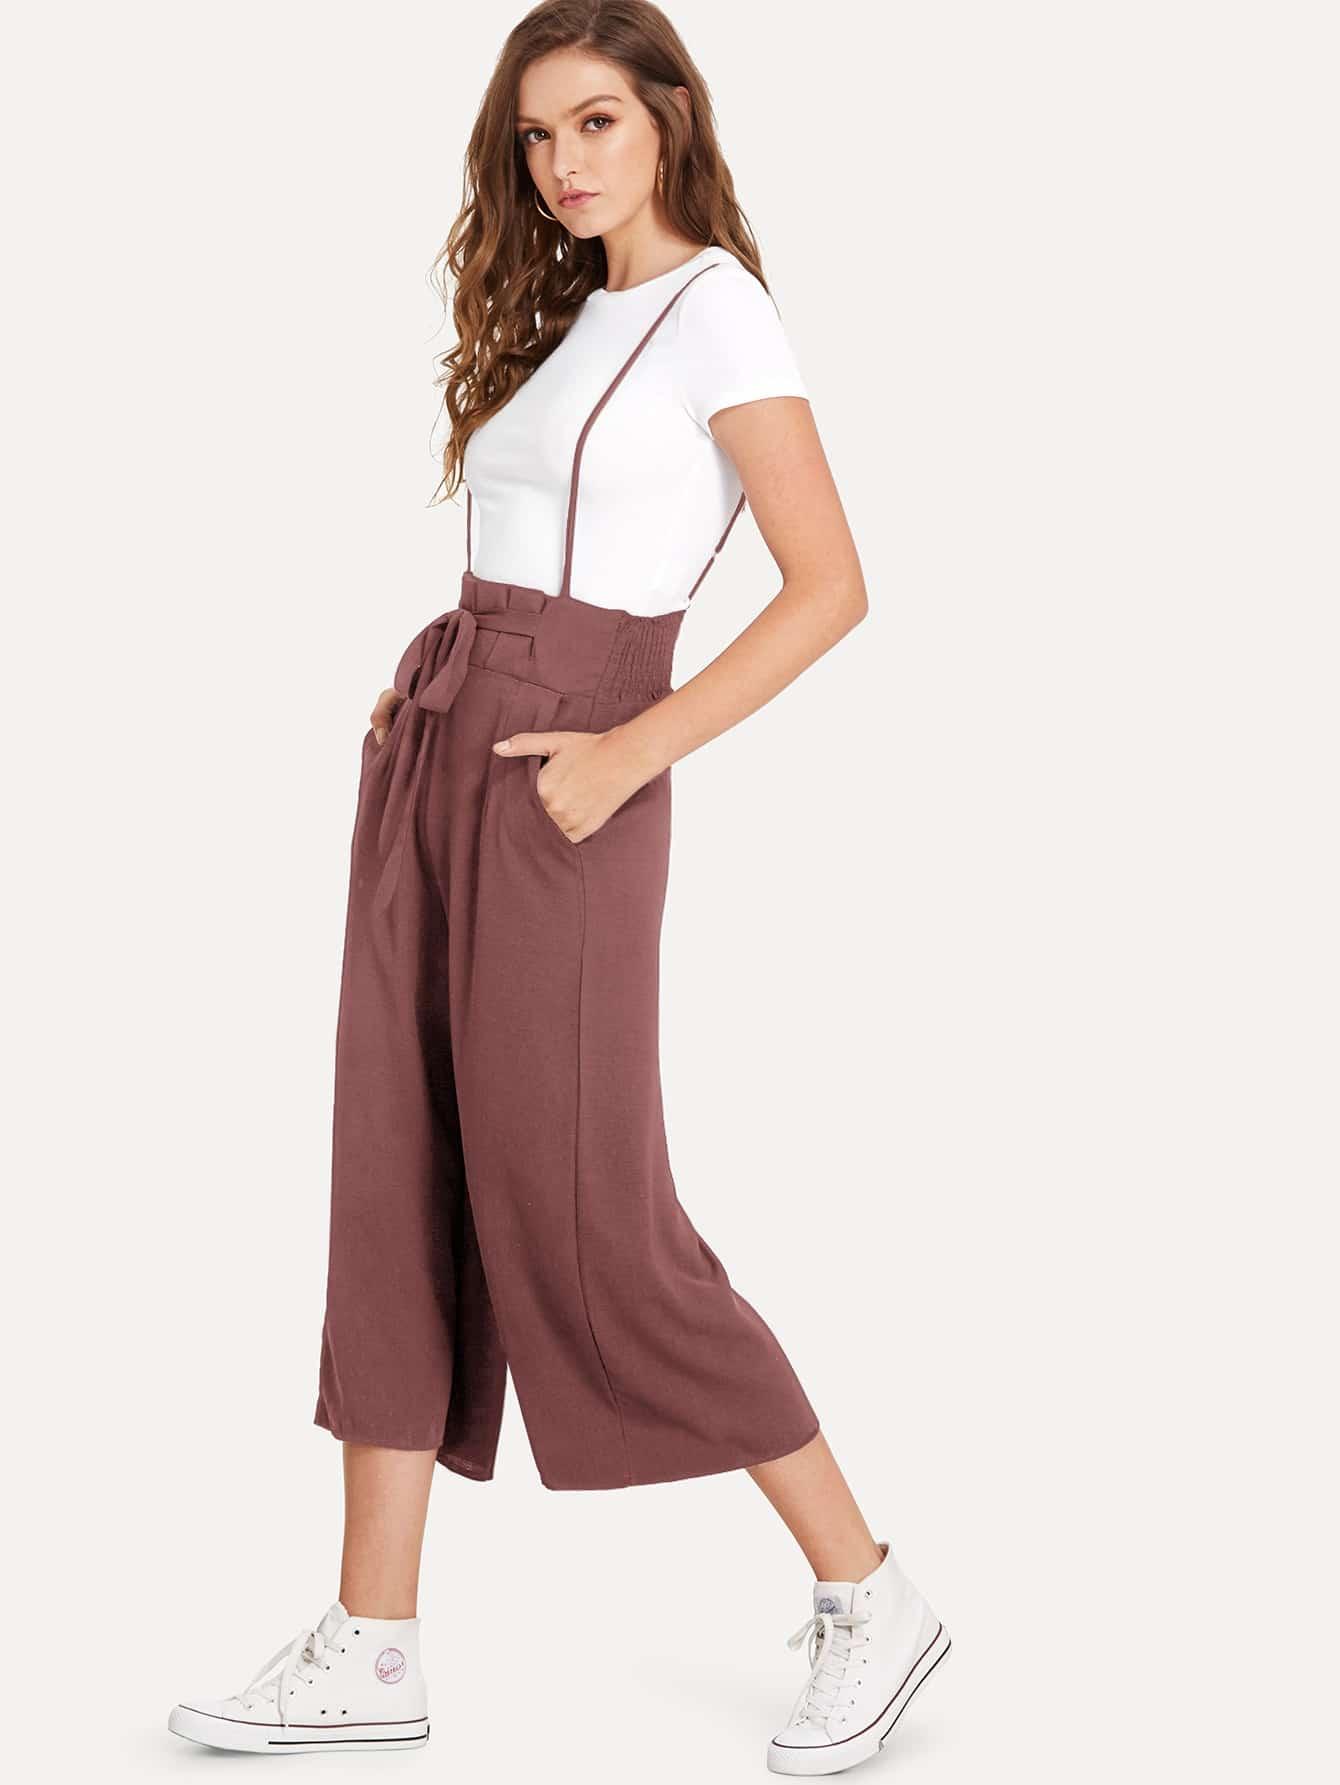 SHEIN / Pantalones cortos con volante fruncido con cordón delantero